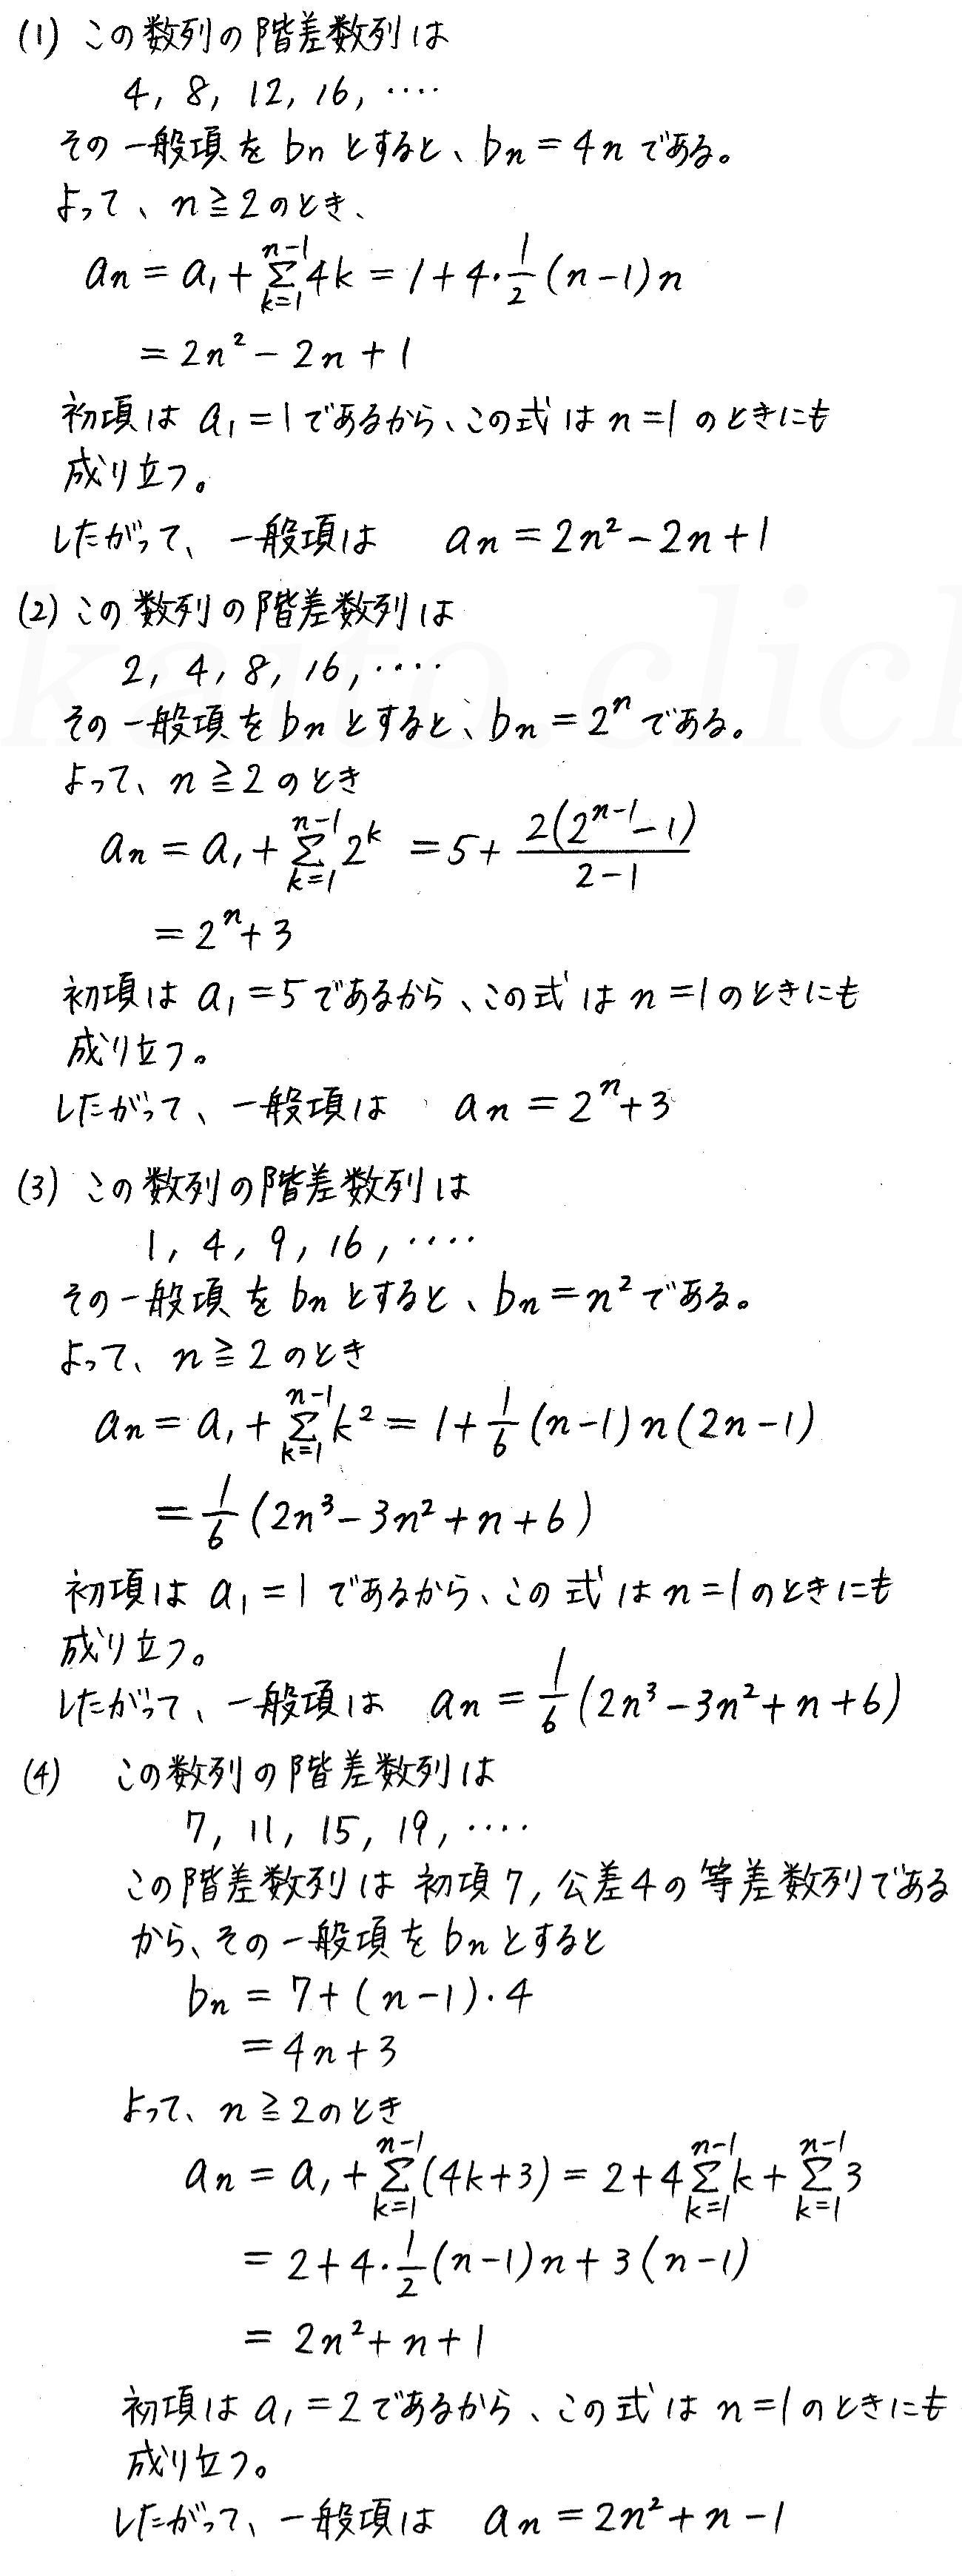 クリアー数学B-212解答